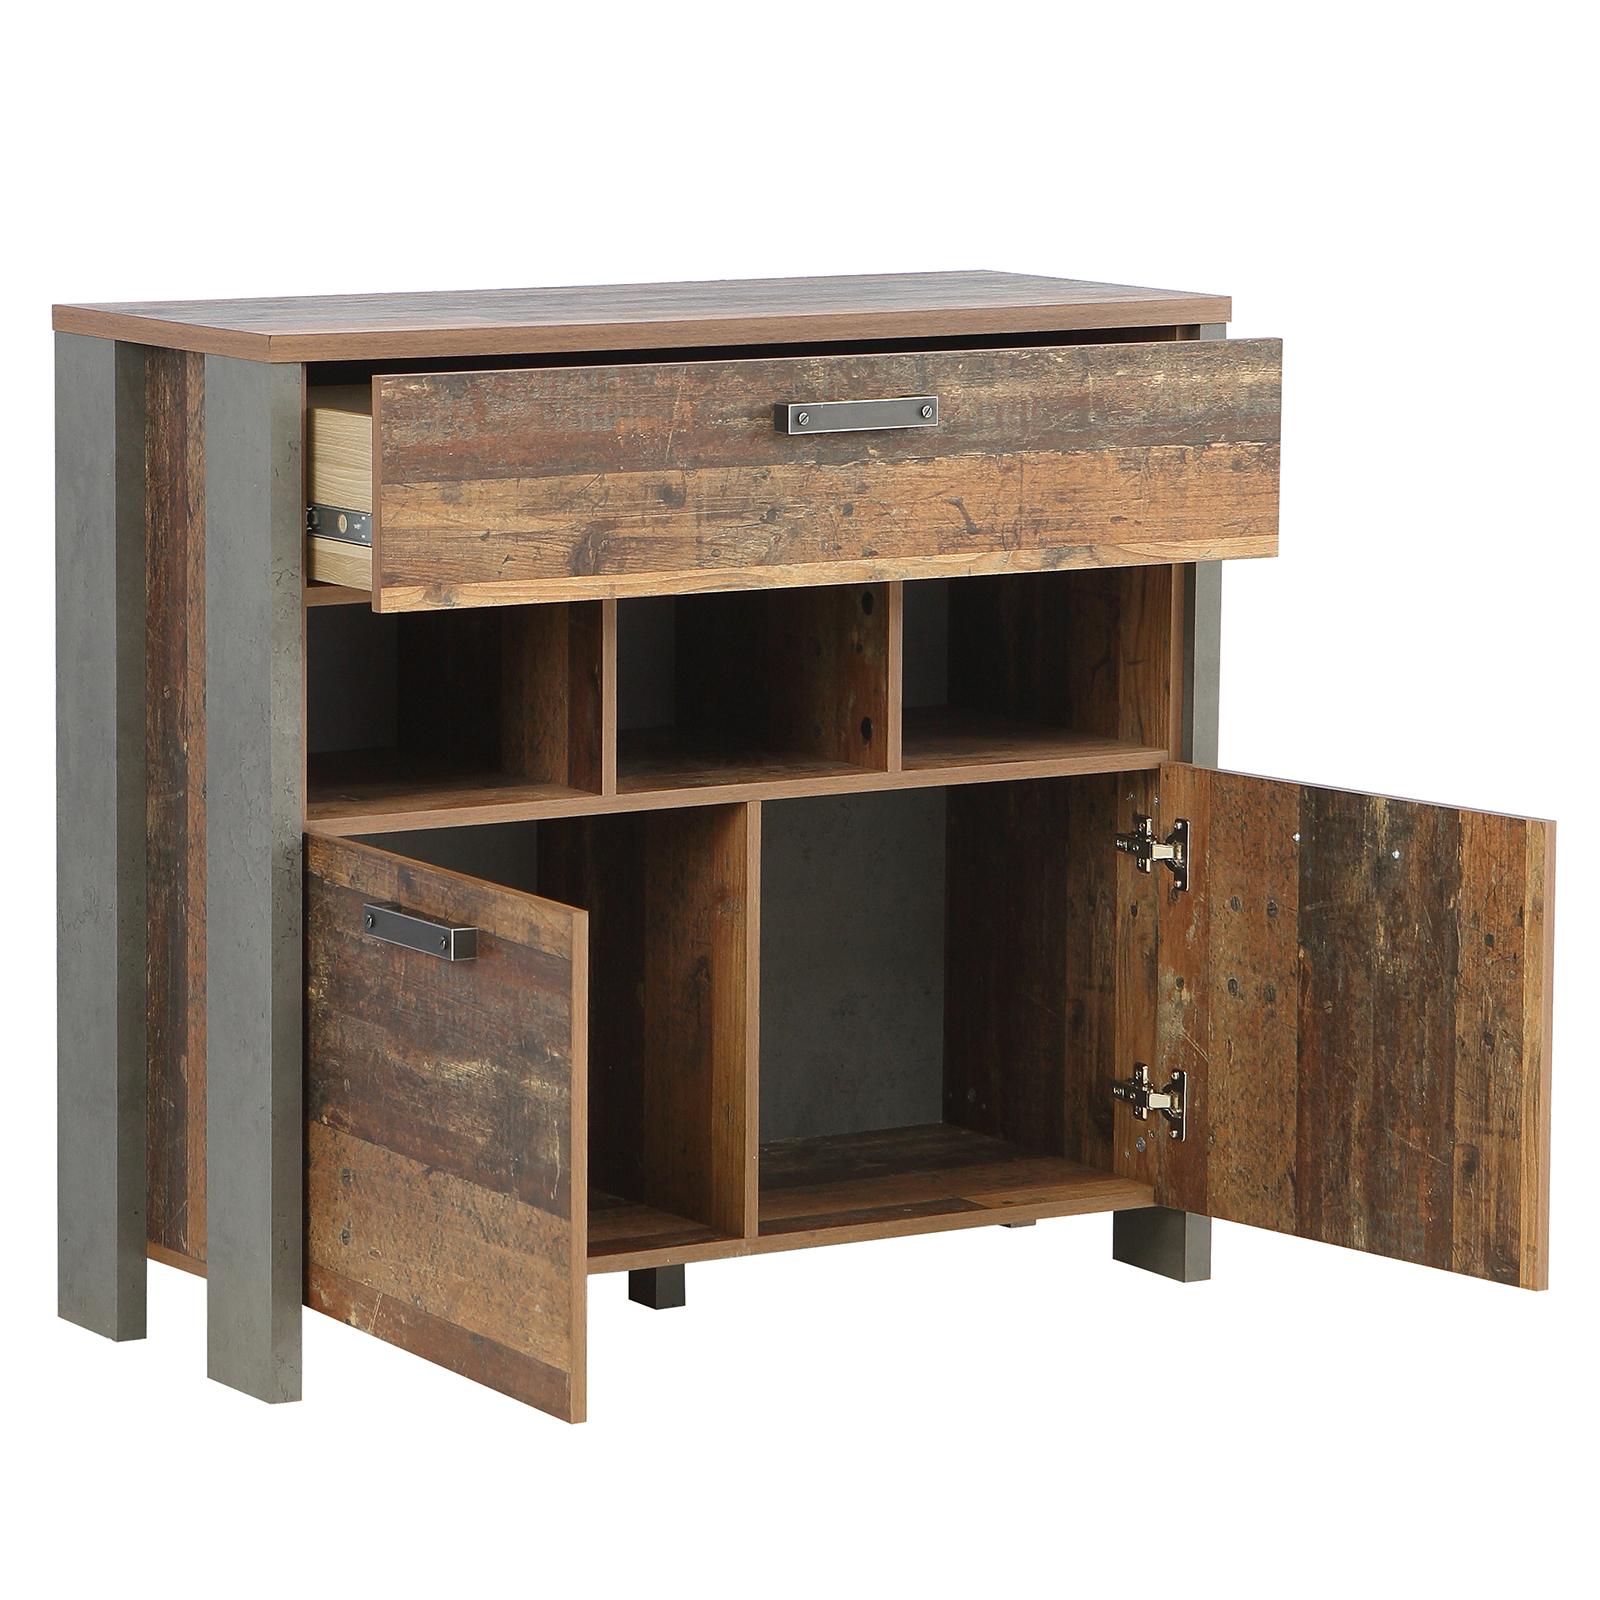 Kommode Old Wood Vintage 2 Turen 107 Cm Breit Online Bei Roller Kaufen